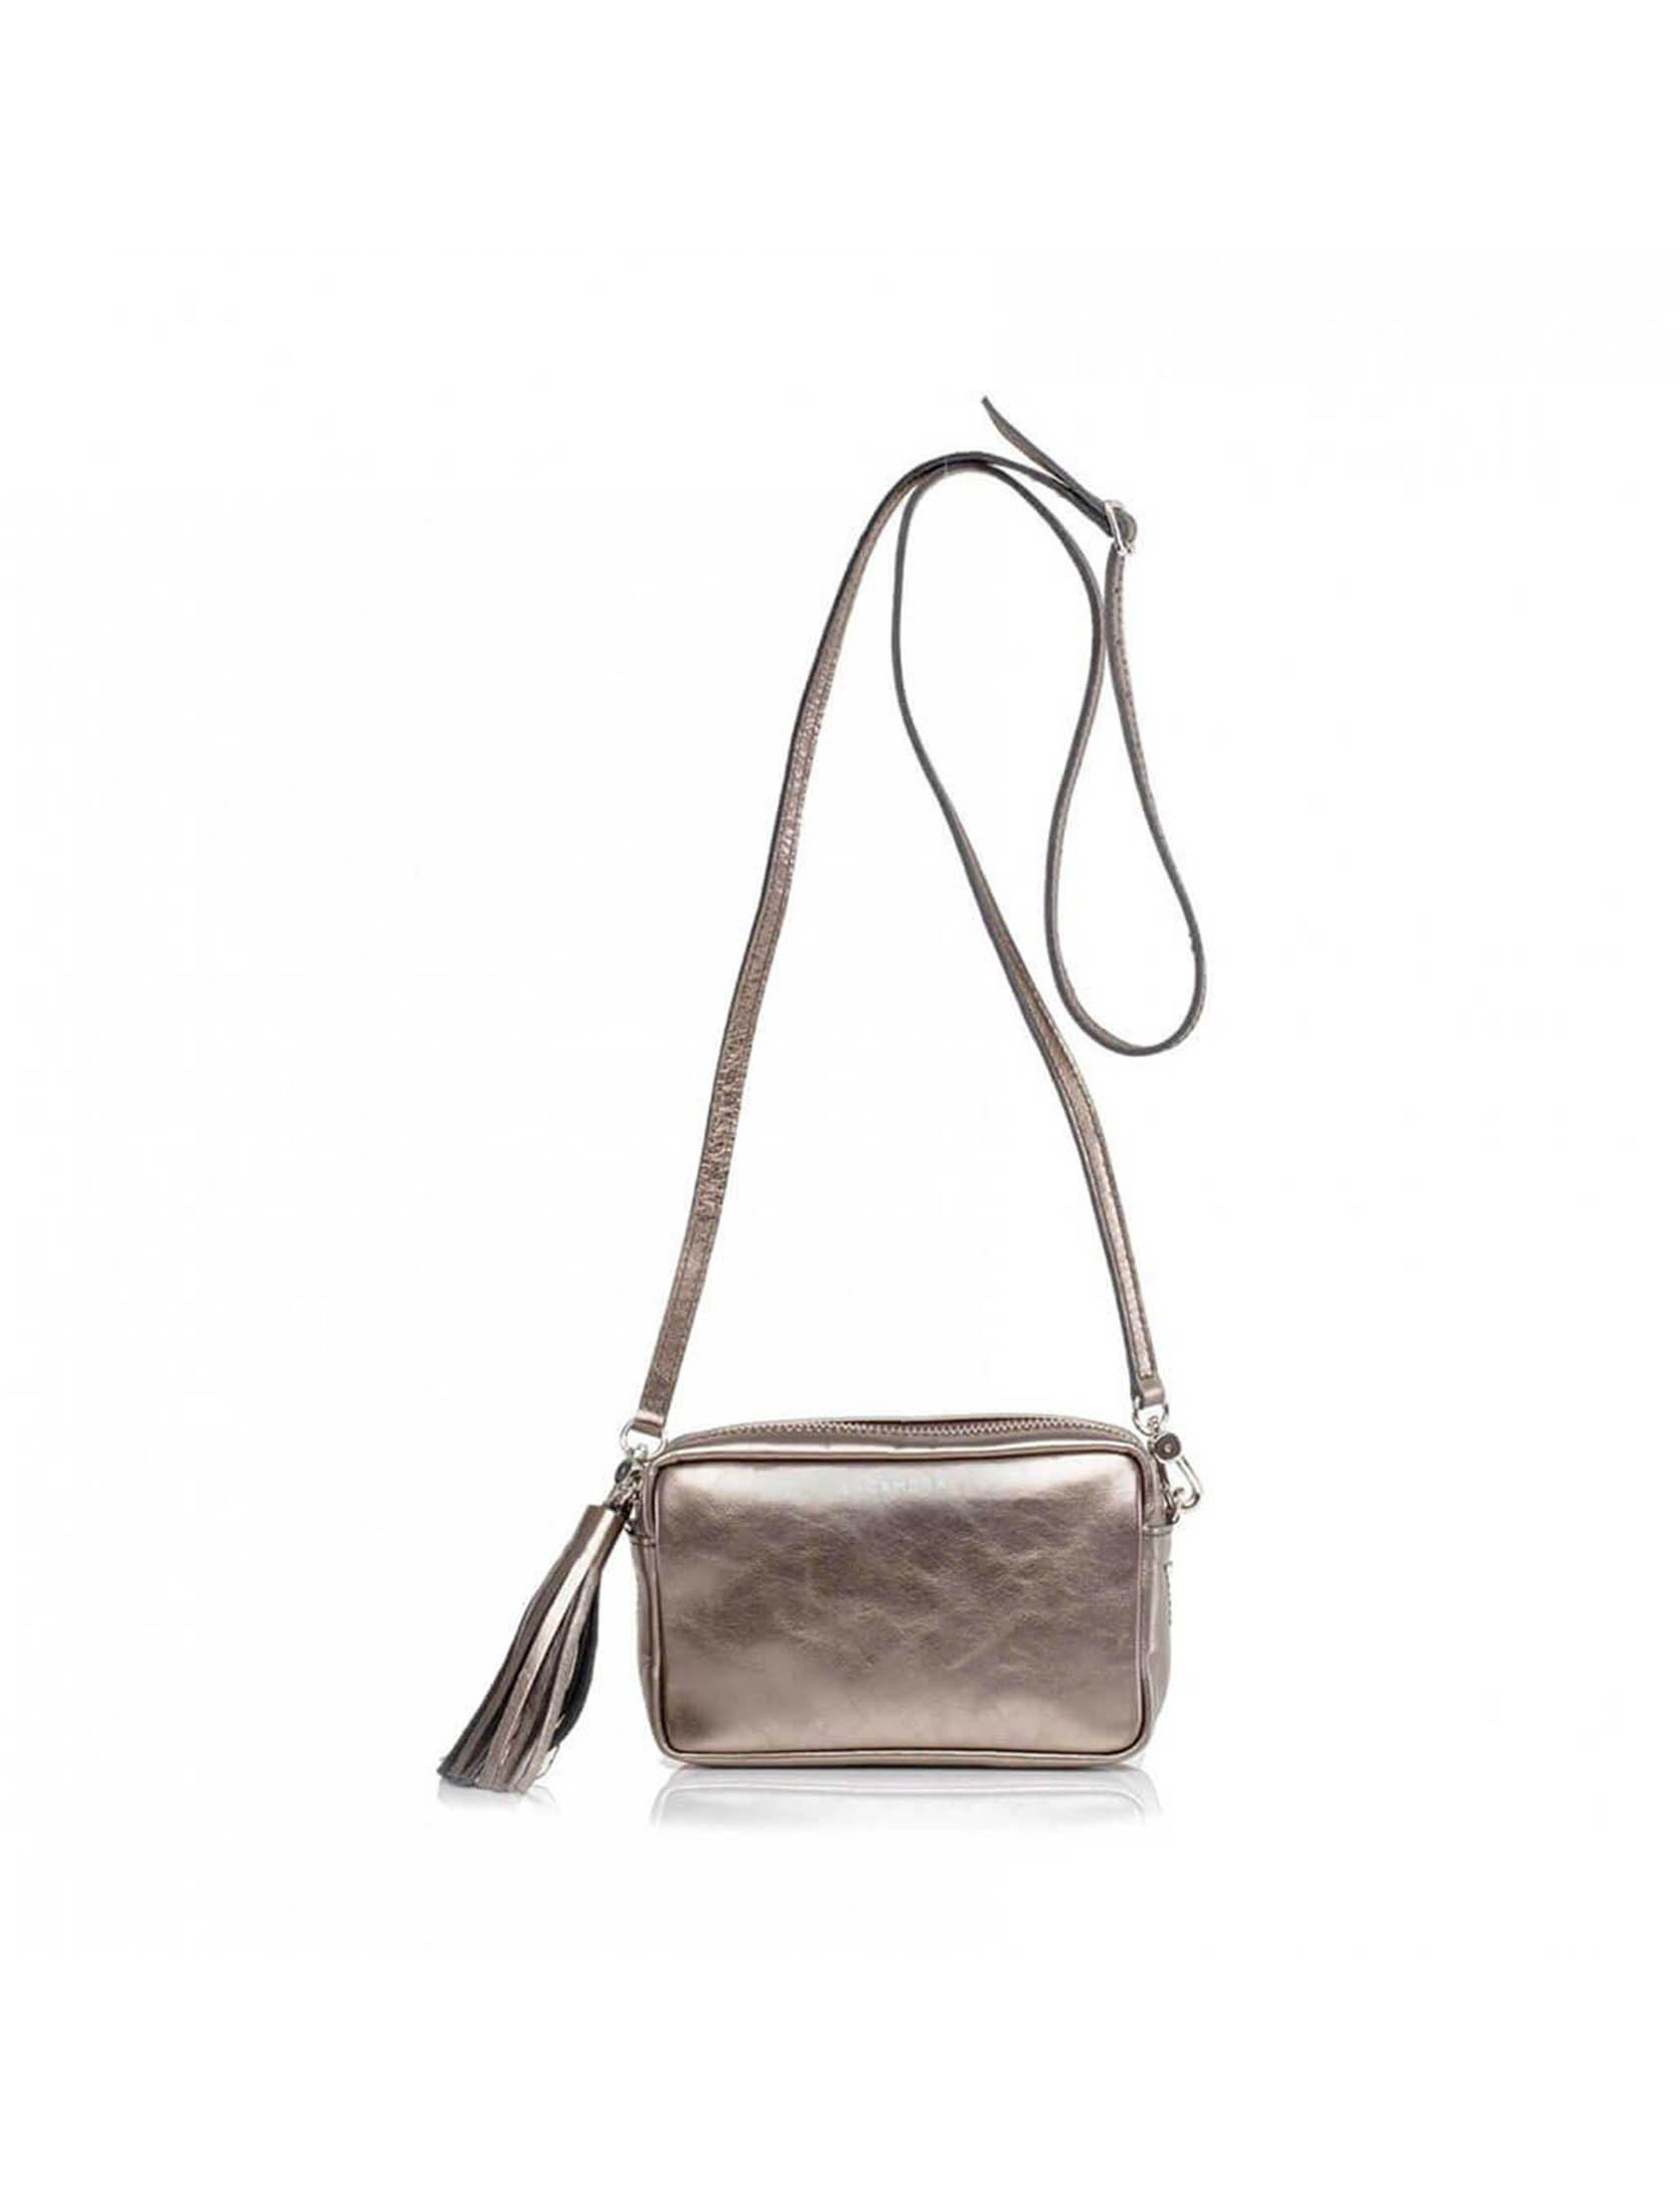 Bolso de dimensione reducidas; ideal para el día y para la noche. Su diseño de línea sencilla hace que se adapte perfectamente a cualquier look.